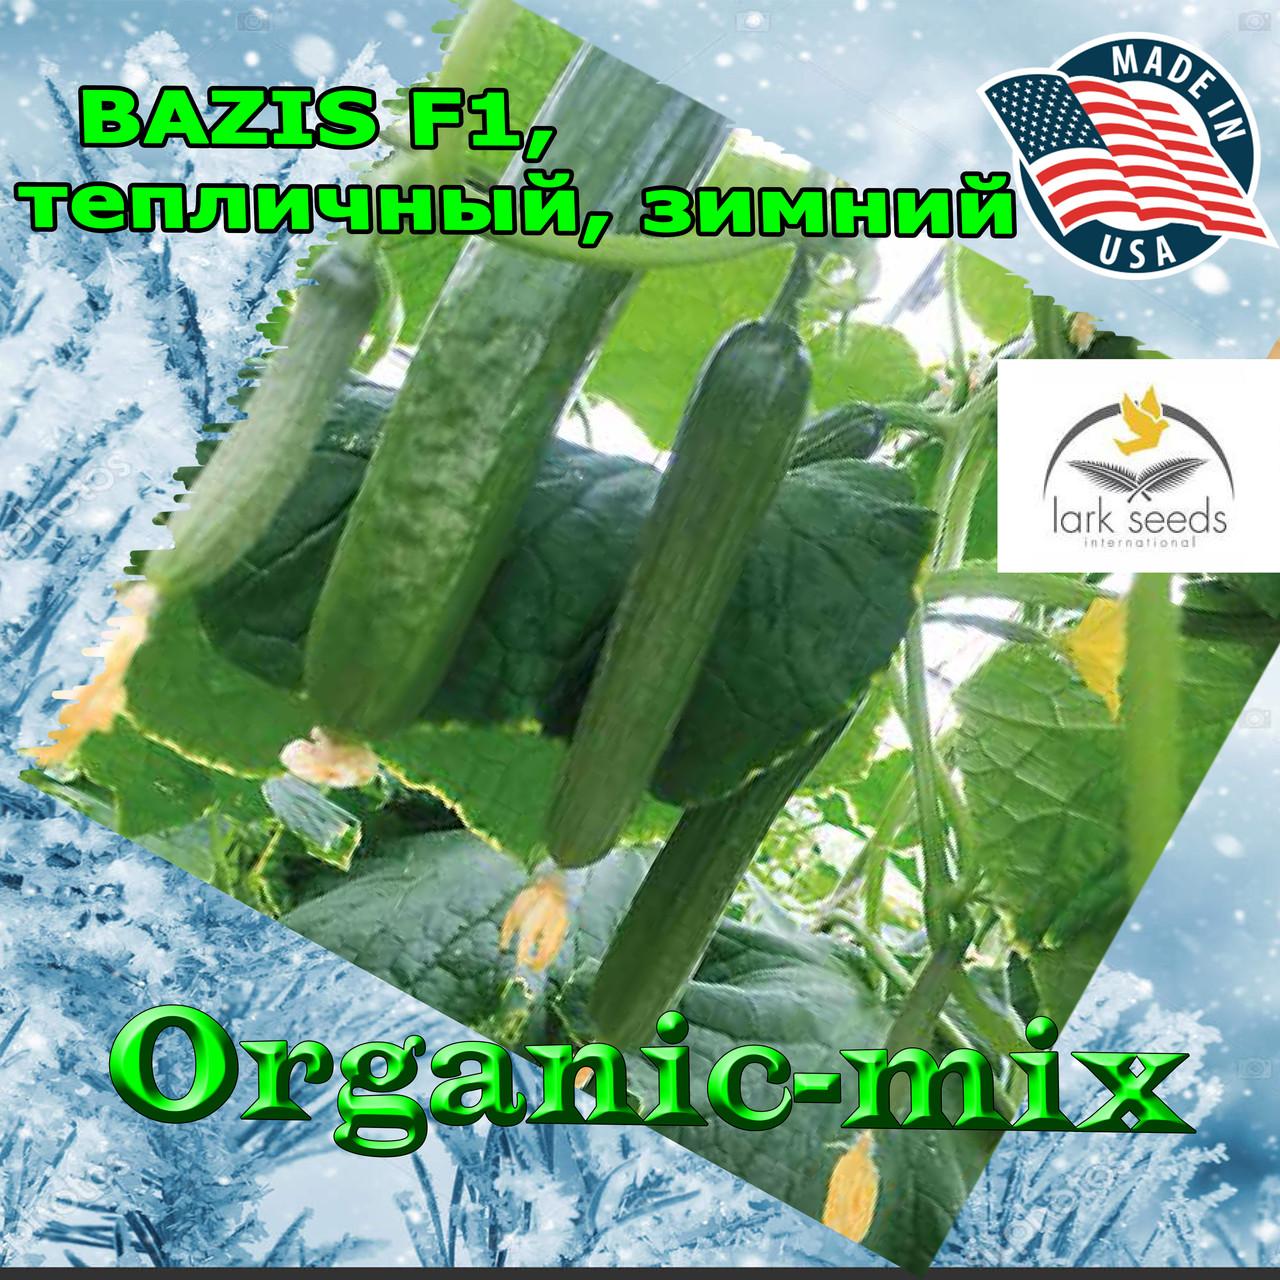 Огурец для зимних теплиц БАЗИС F1 / BAZIS F1, упаковка 100 семян, Lark Seeds (США)